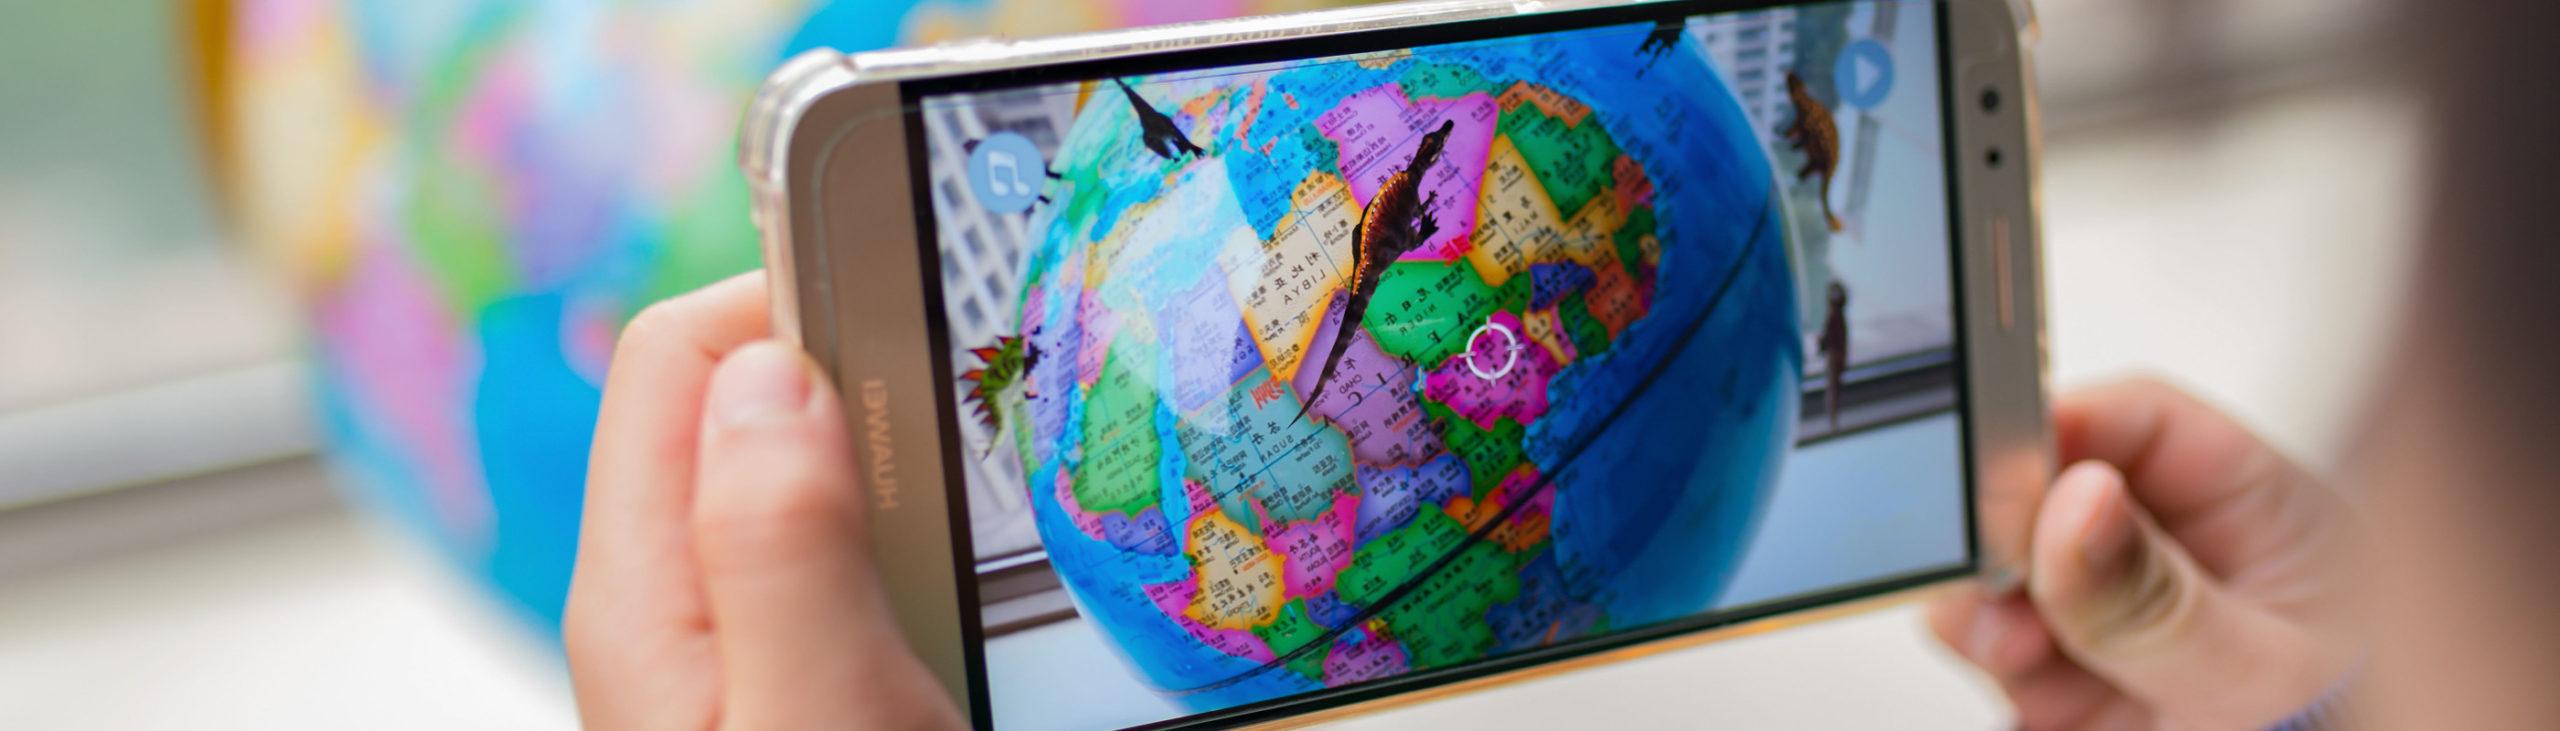 25 Ejemplos de realidad aumentada en la educación | 89